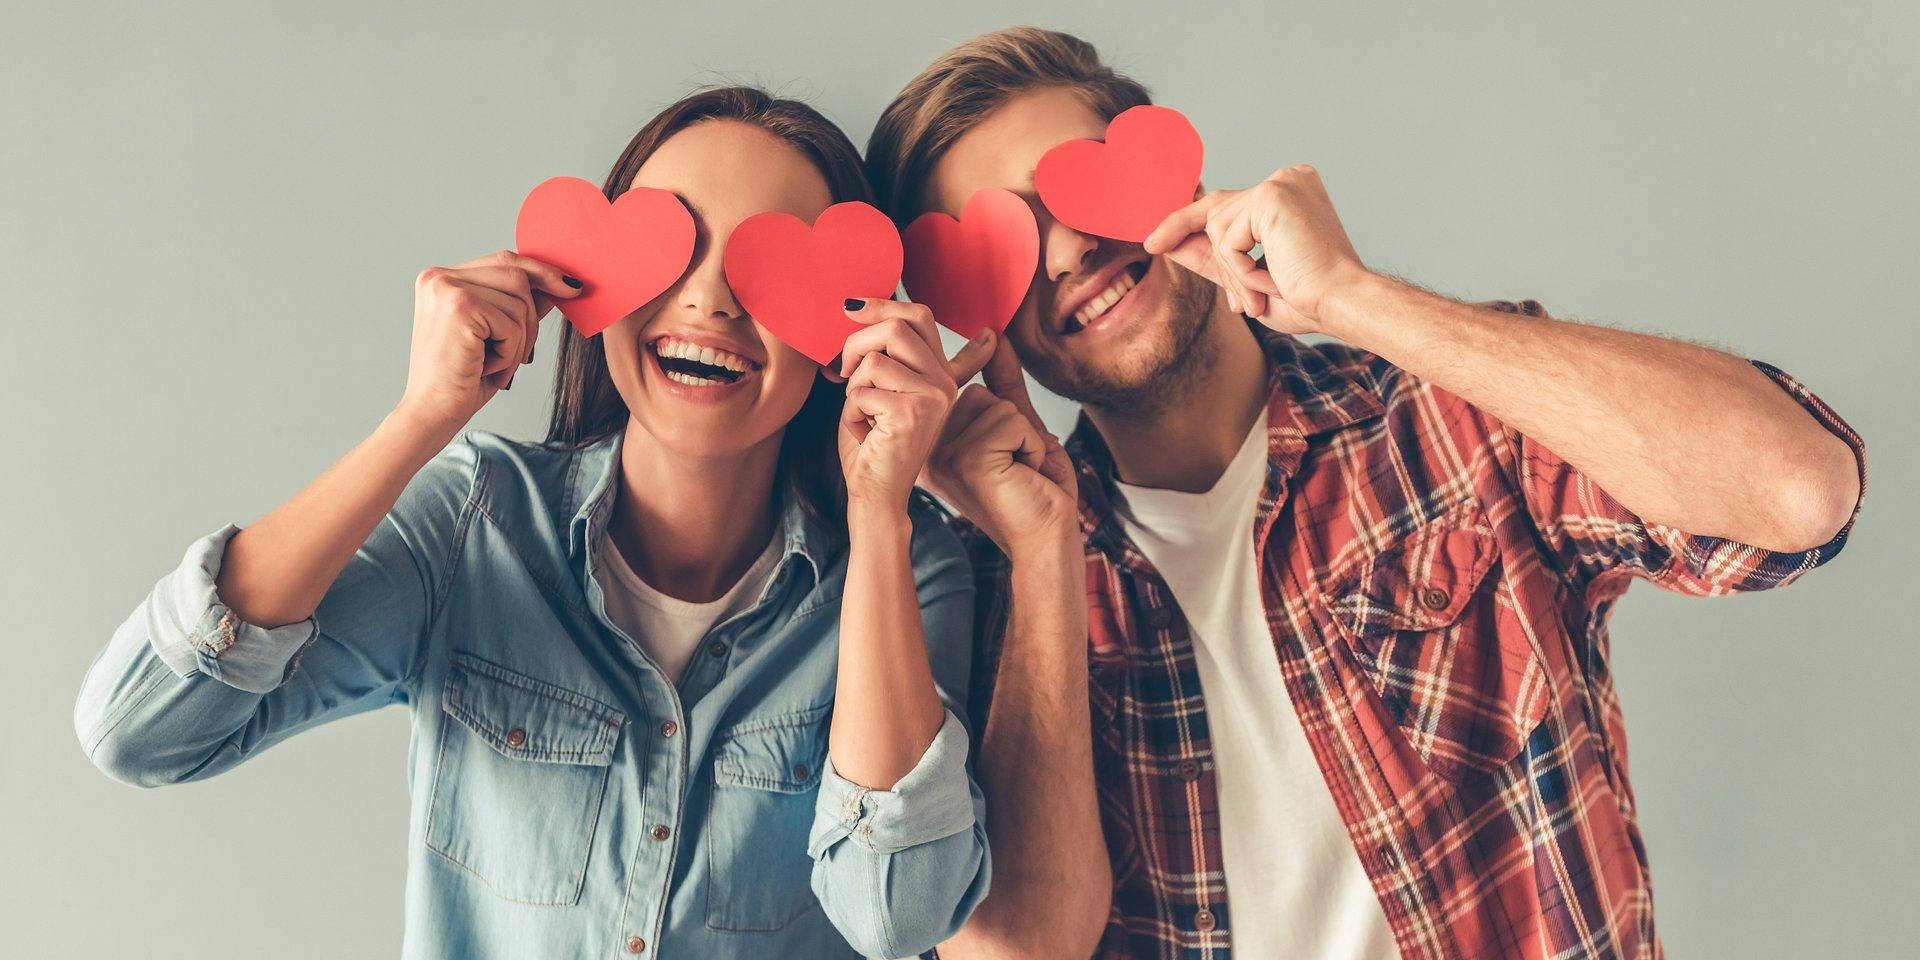 Walentynki last minute - poznaj nasze pomysły!